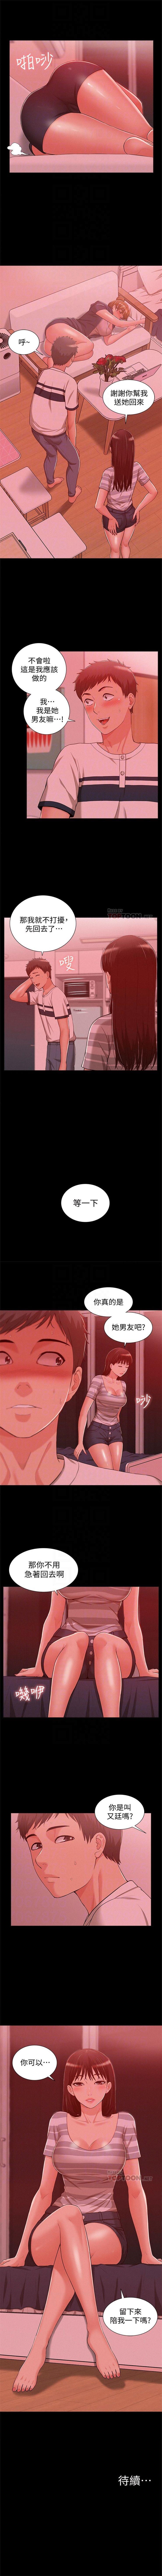 (周4)难言之隐 1-20 中文翻译(更新中) 61